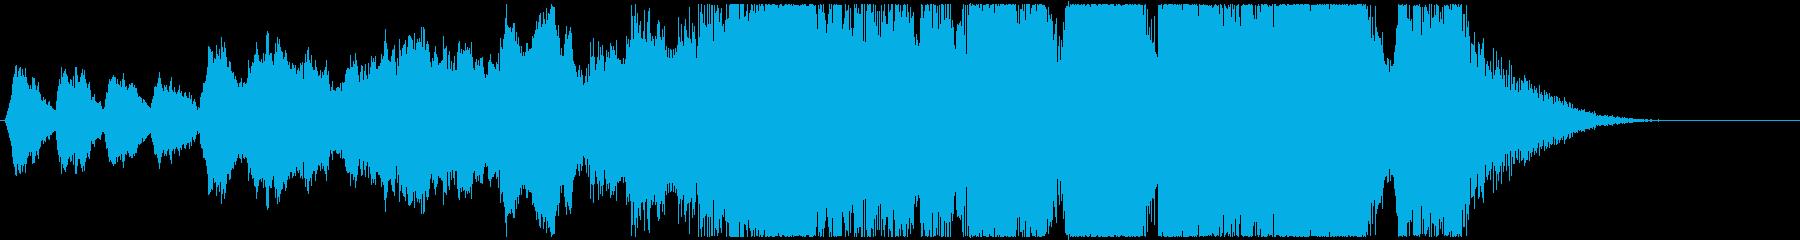 煌びやかな雰囲気のファンファーレ!の再生済みの波形